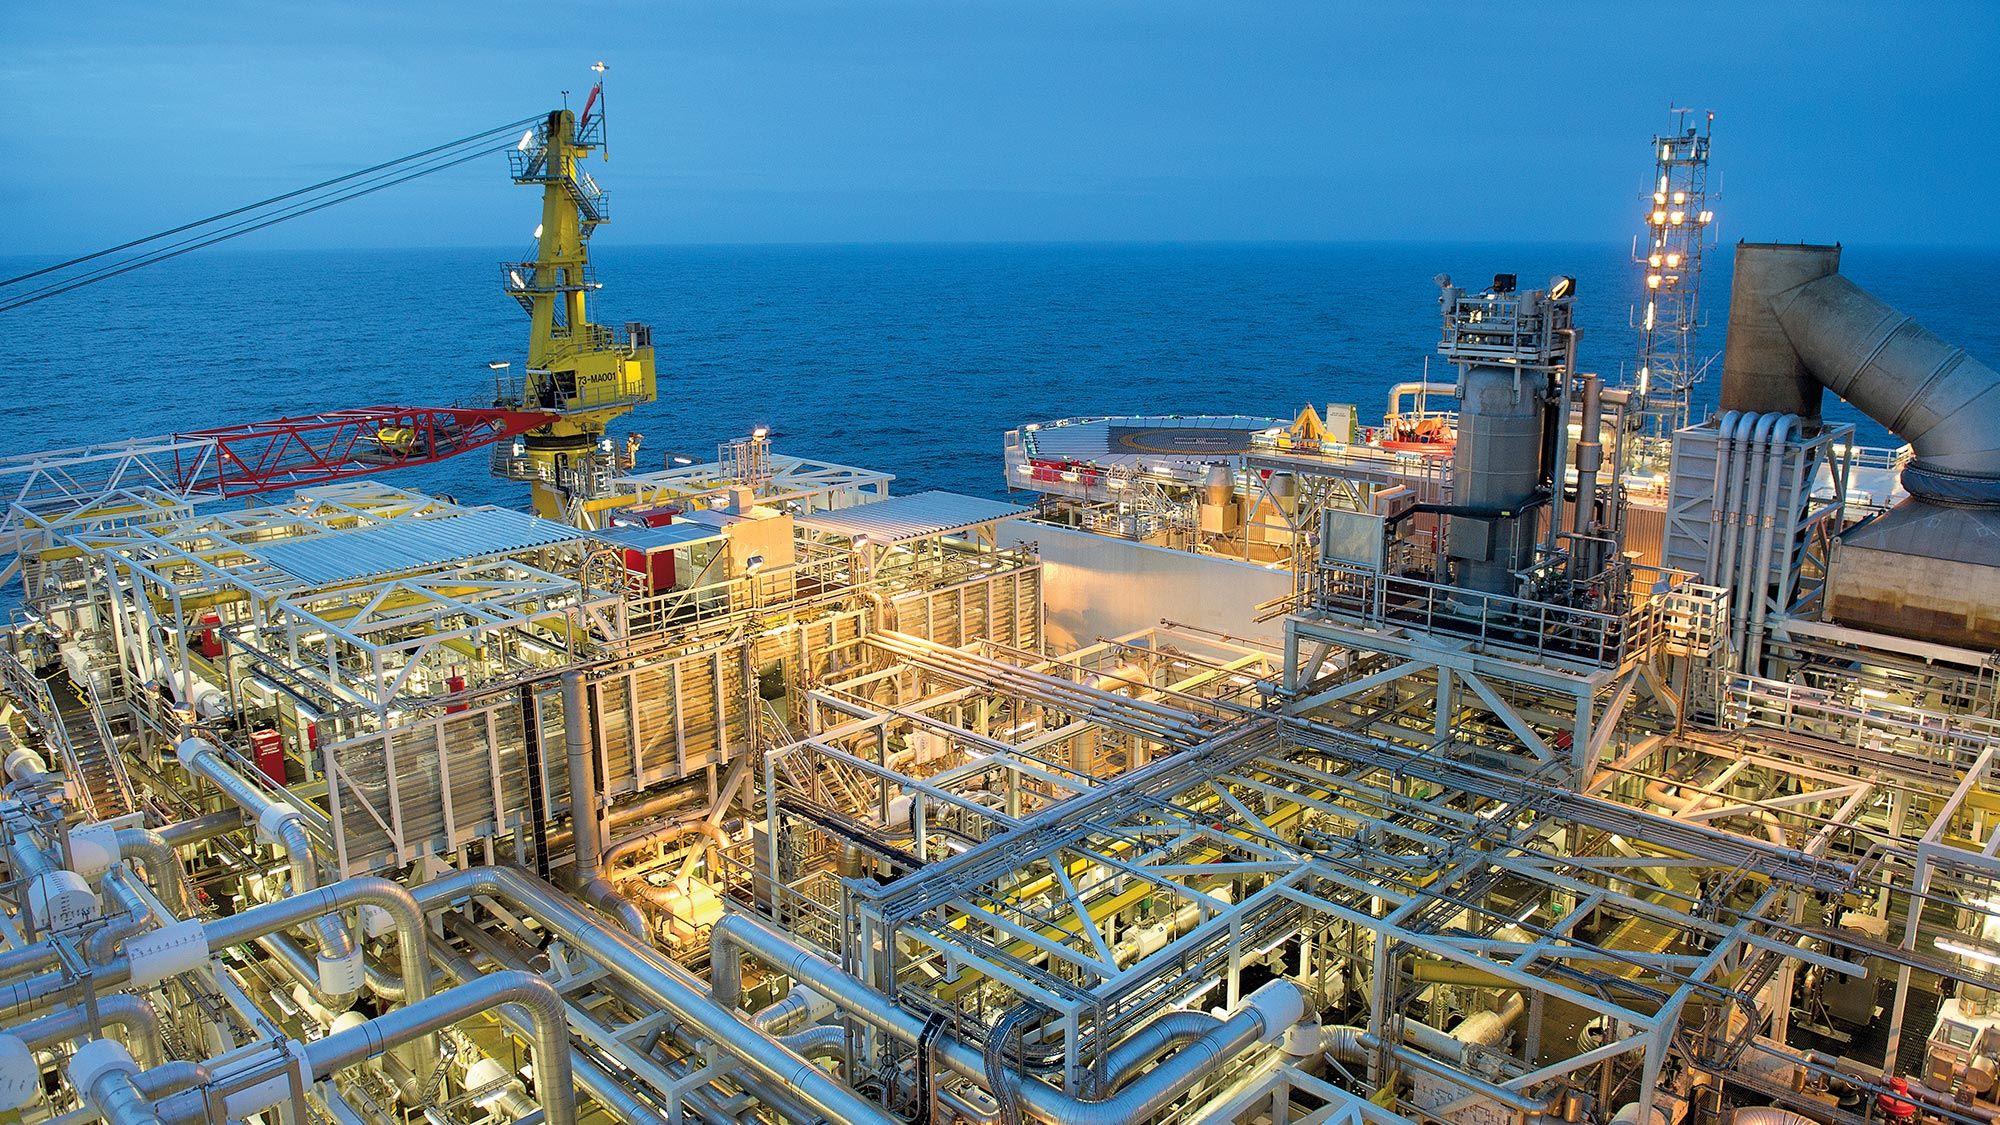 Oportunidade para Profissional com experiência no setor Offshore